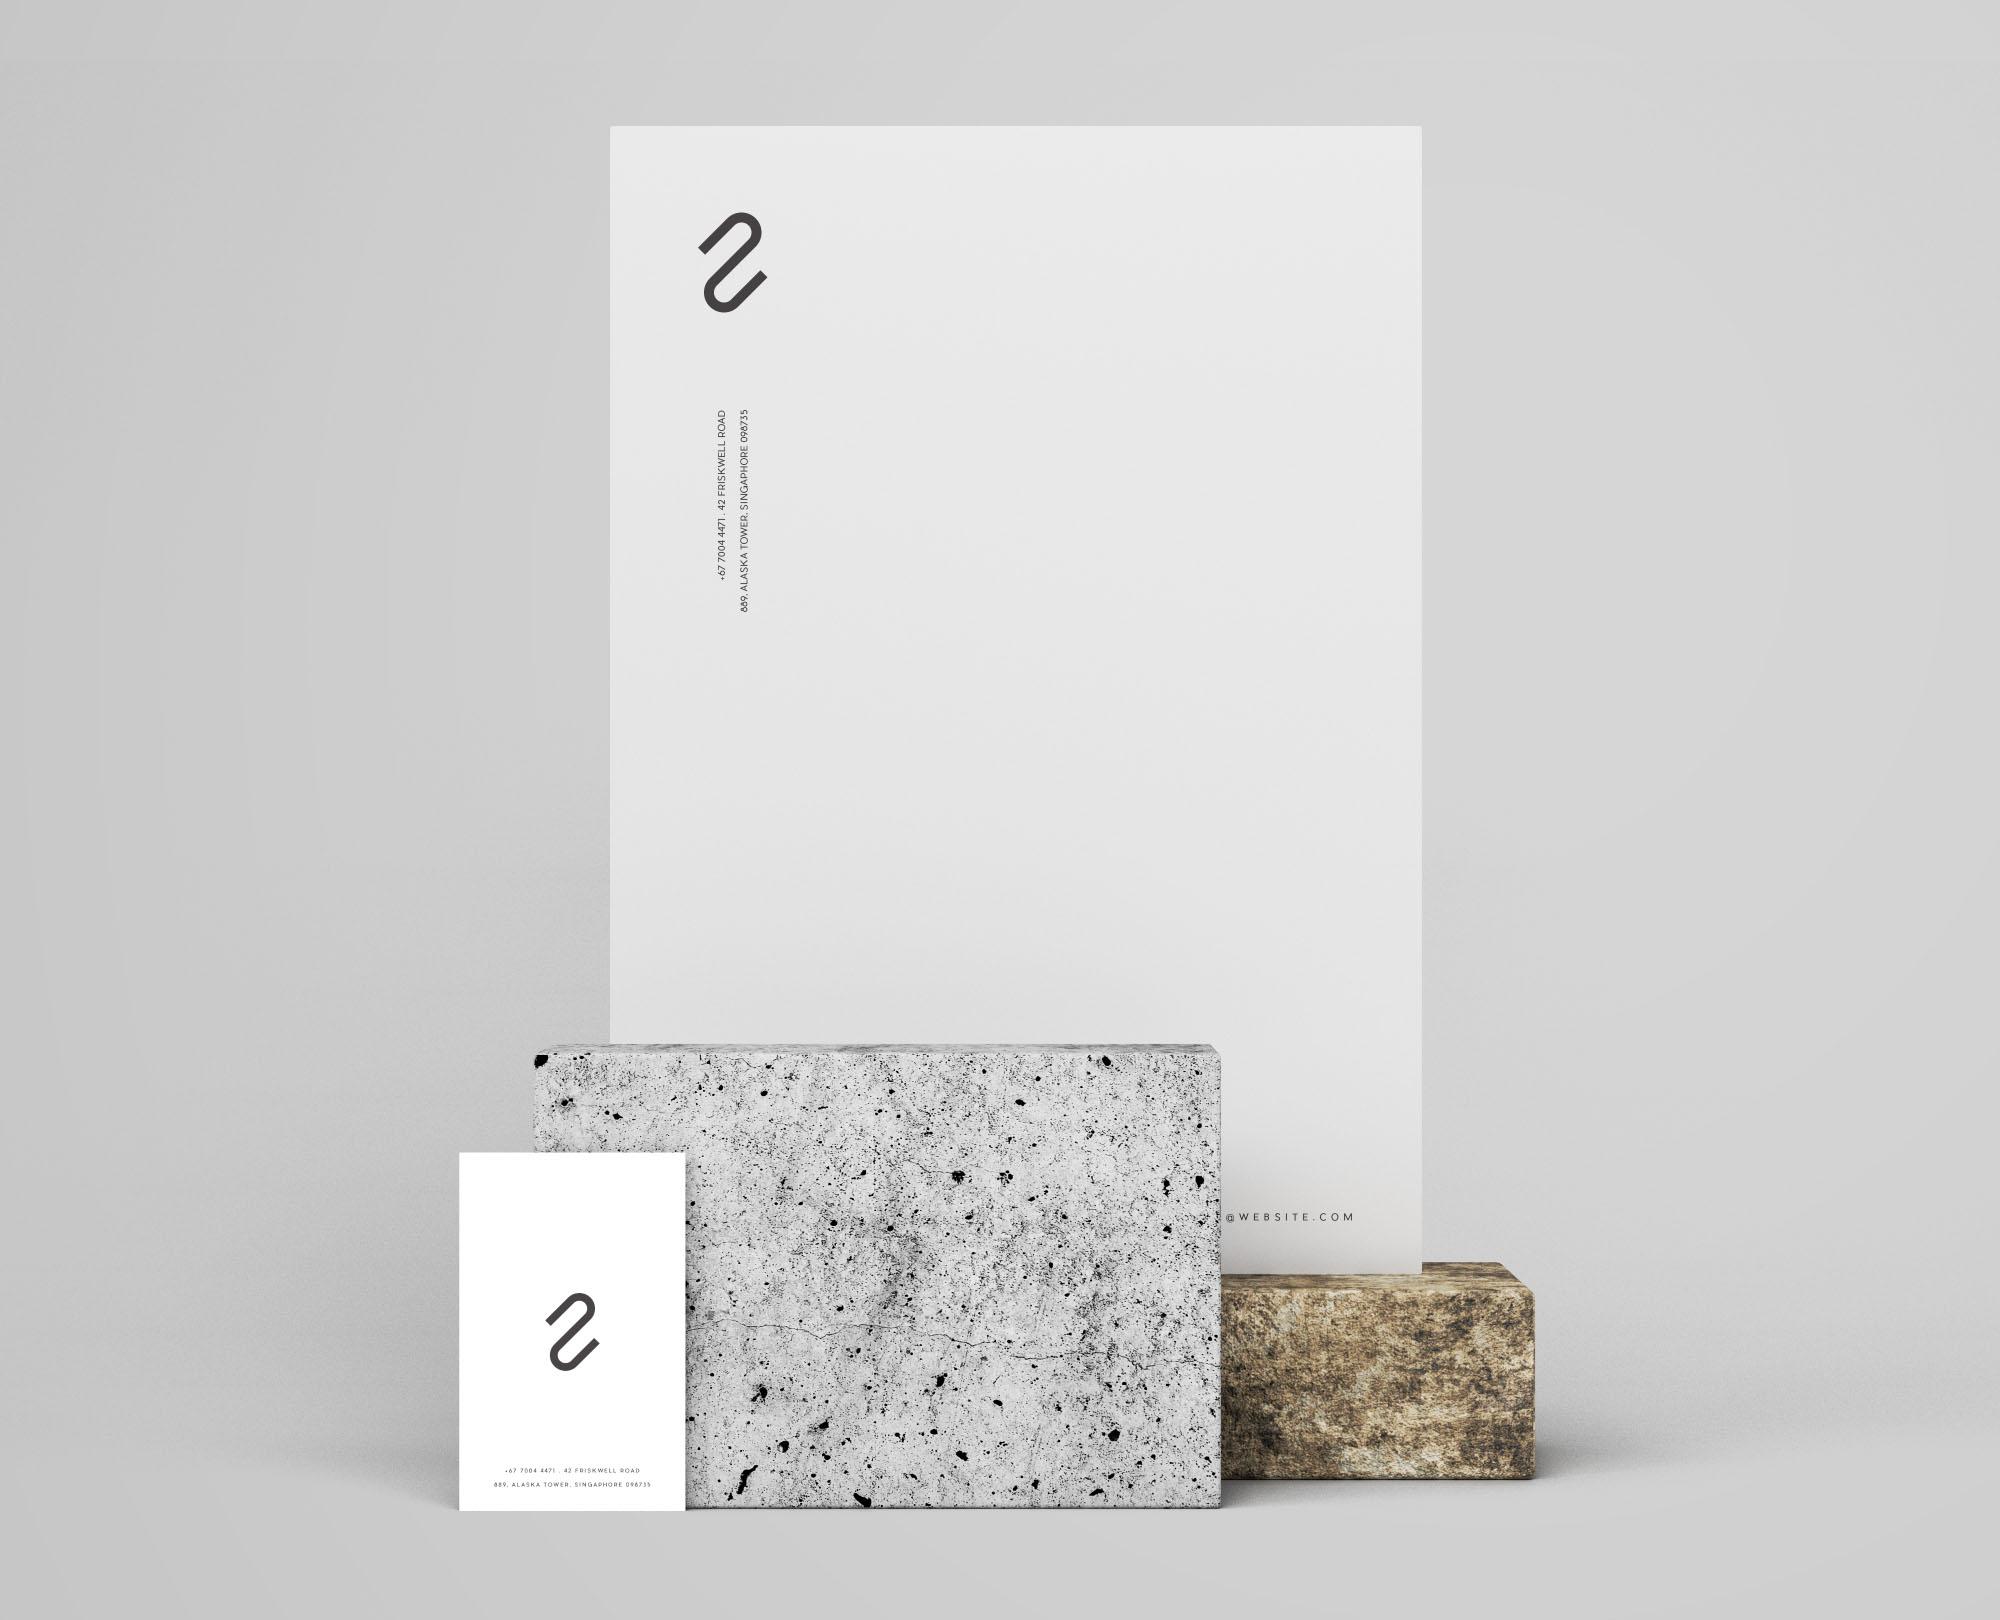 Letterhead Business Card Branding Mockup